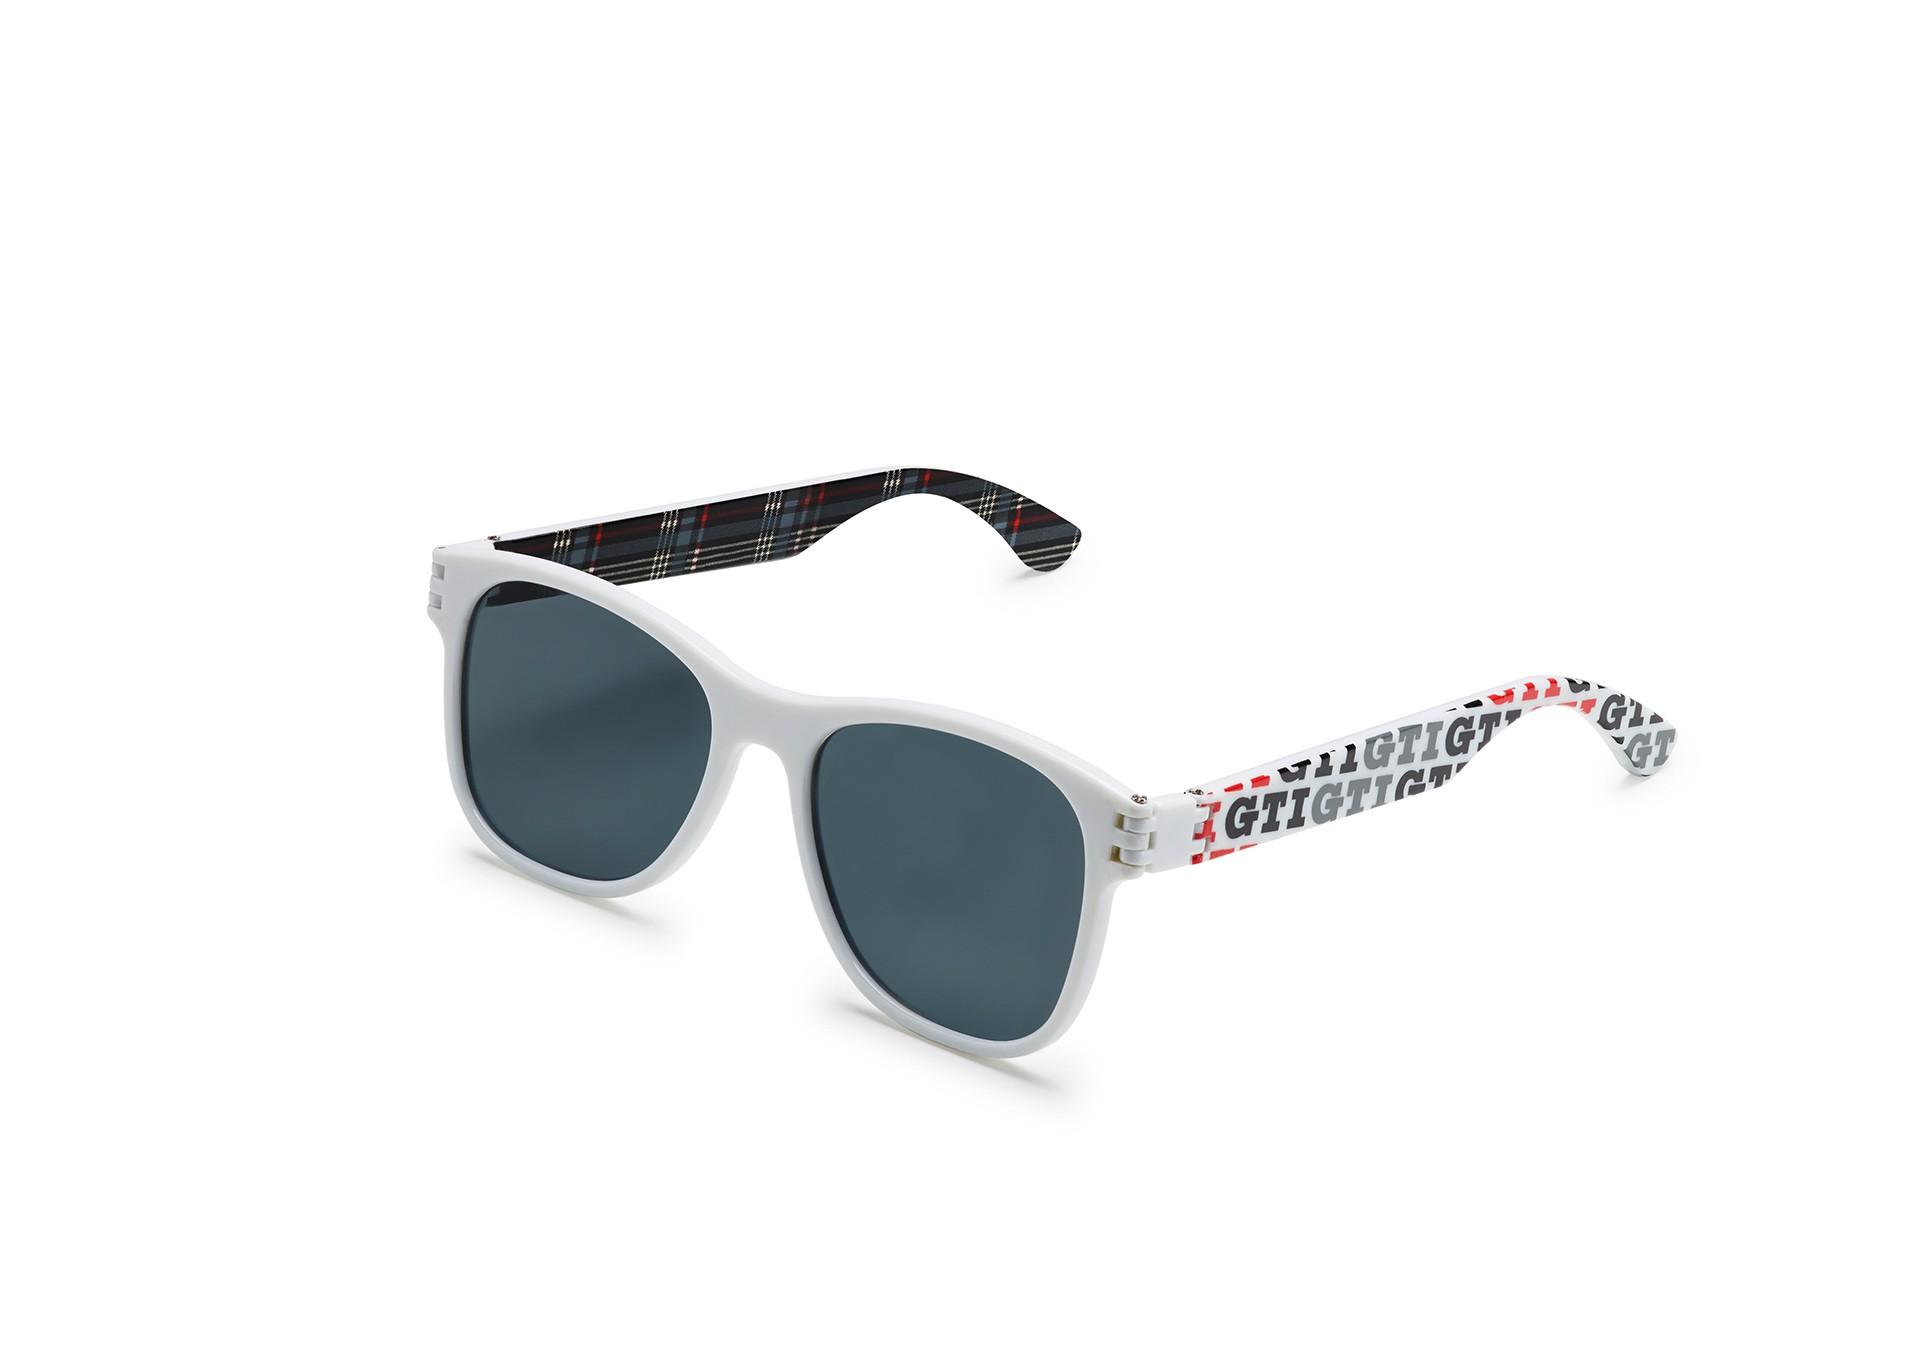 Okulary GTI, wymienne nauszniki